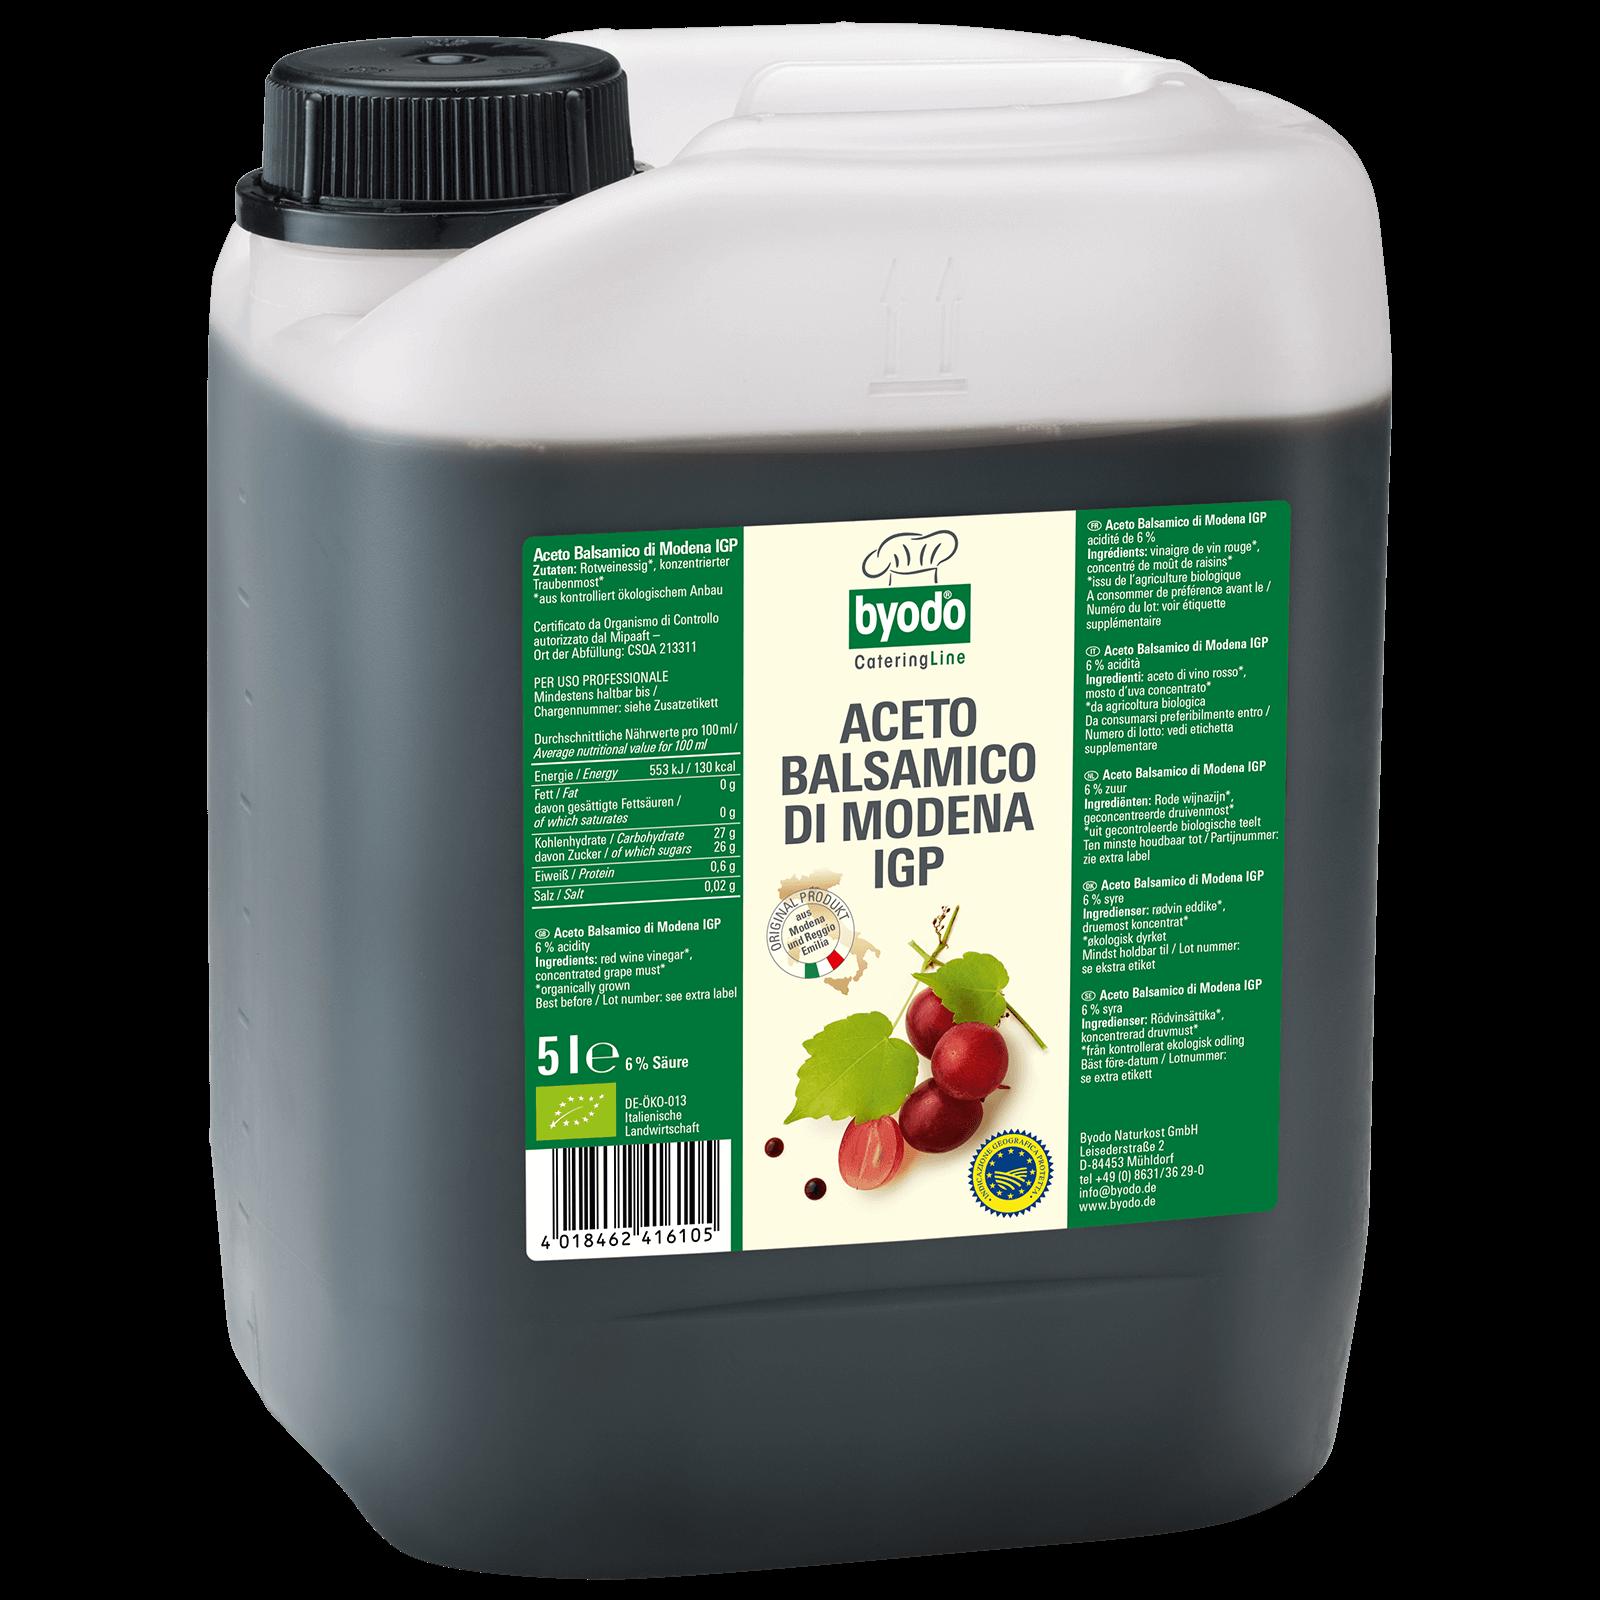 Bio-Aceto Balsamico di modena 5l